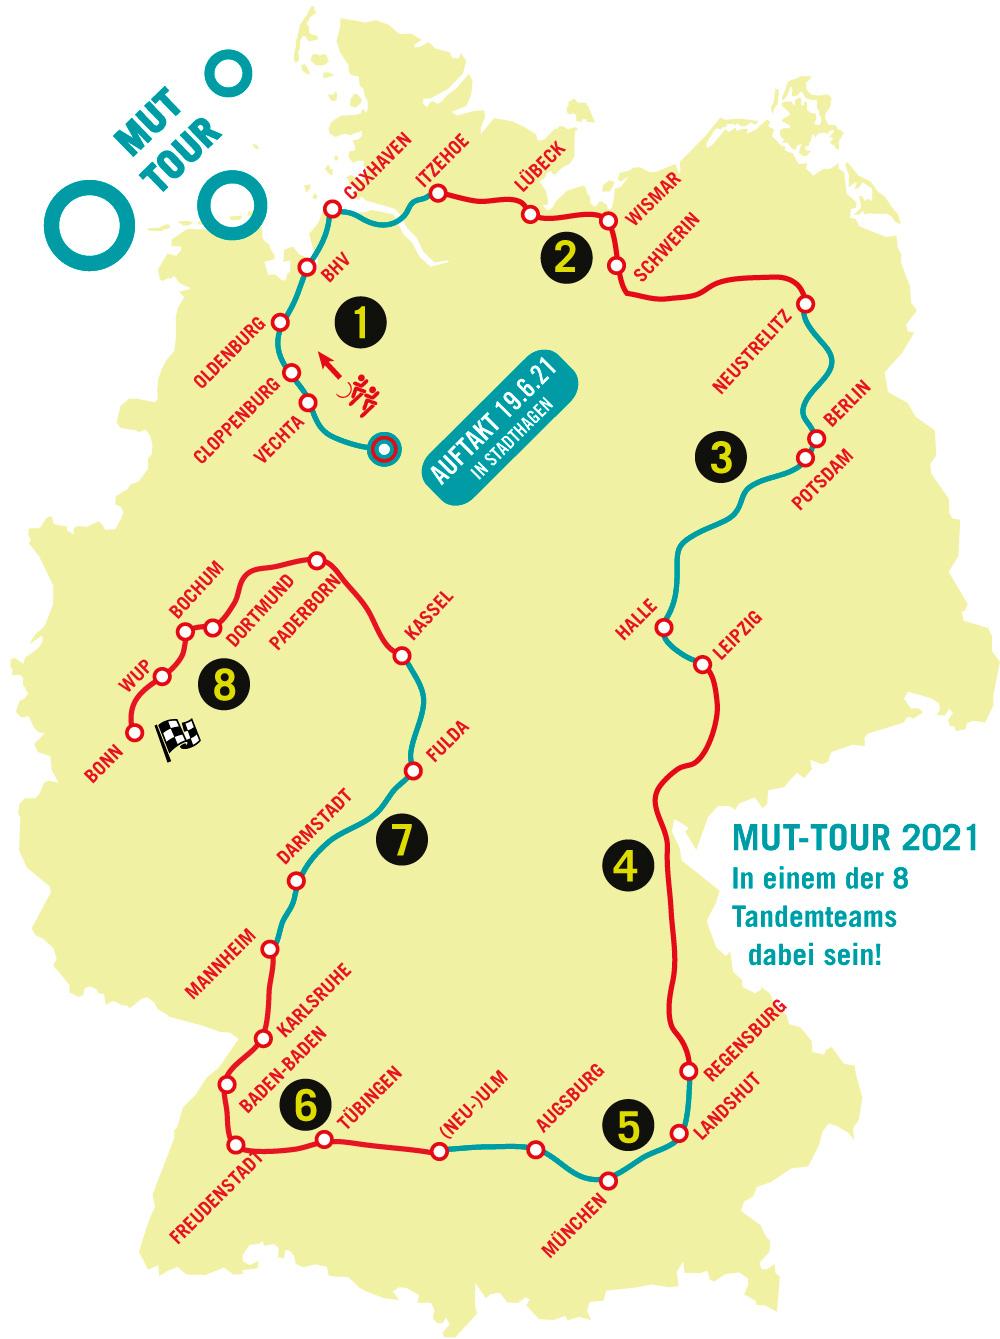 Streckenverlauf der MUT-TOUR 2021